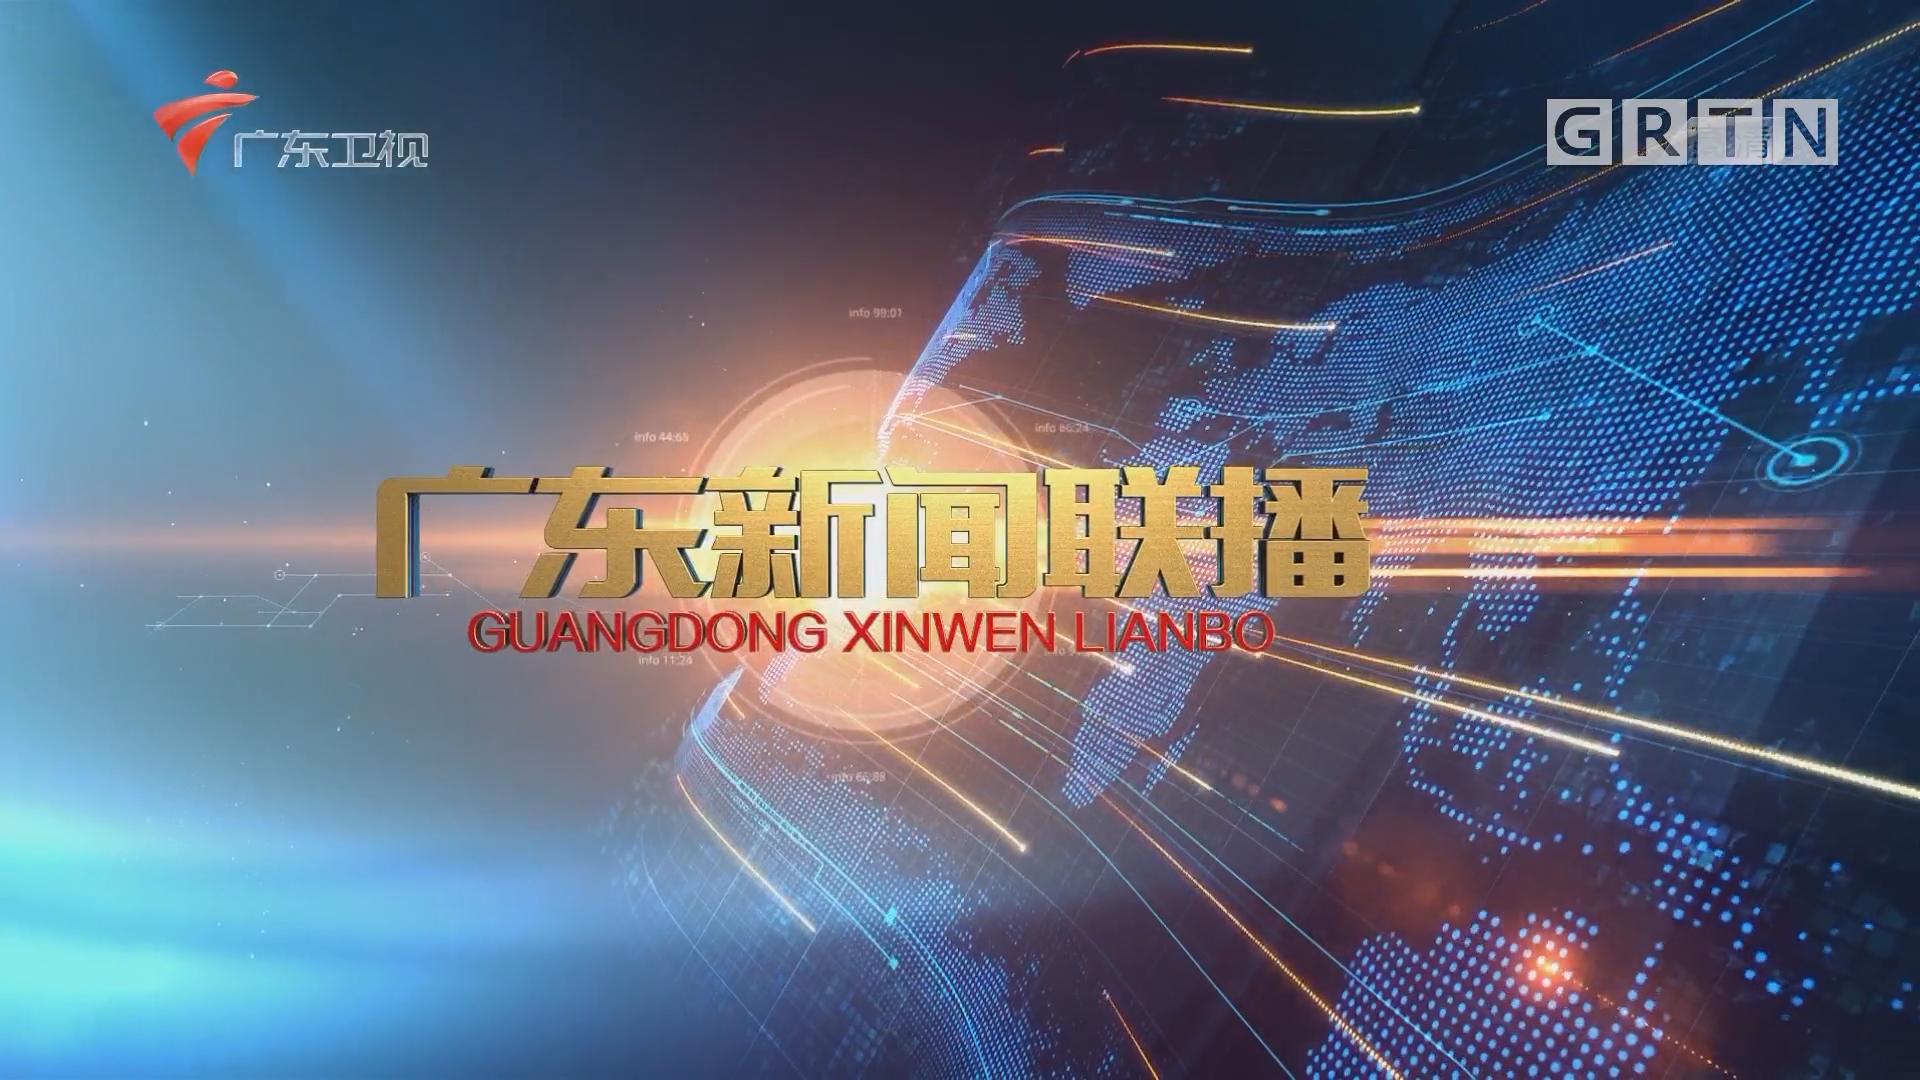 """[HD][2018-10-13]广东新闻联播:广东:""""互联网+""""服务实体经济 加快制造业转型升级"""